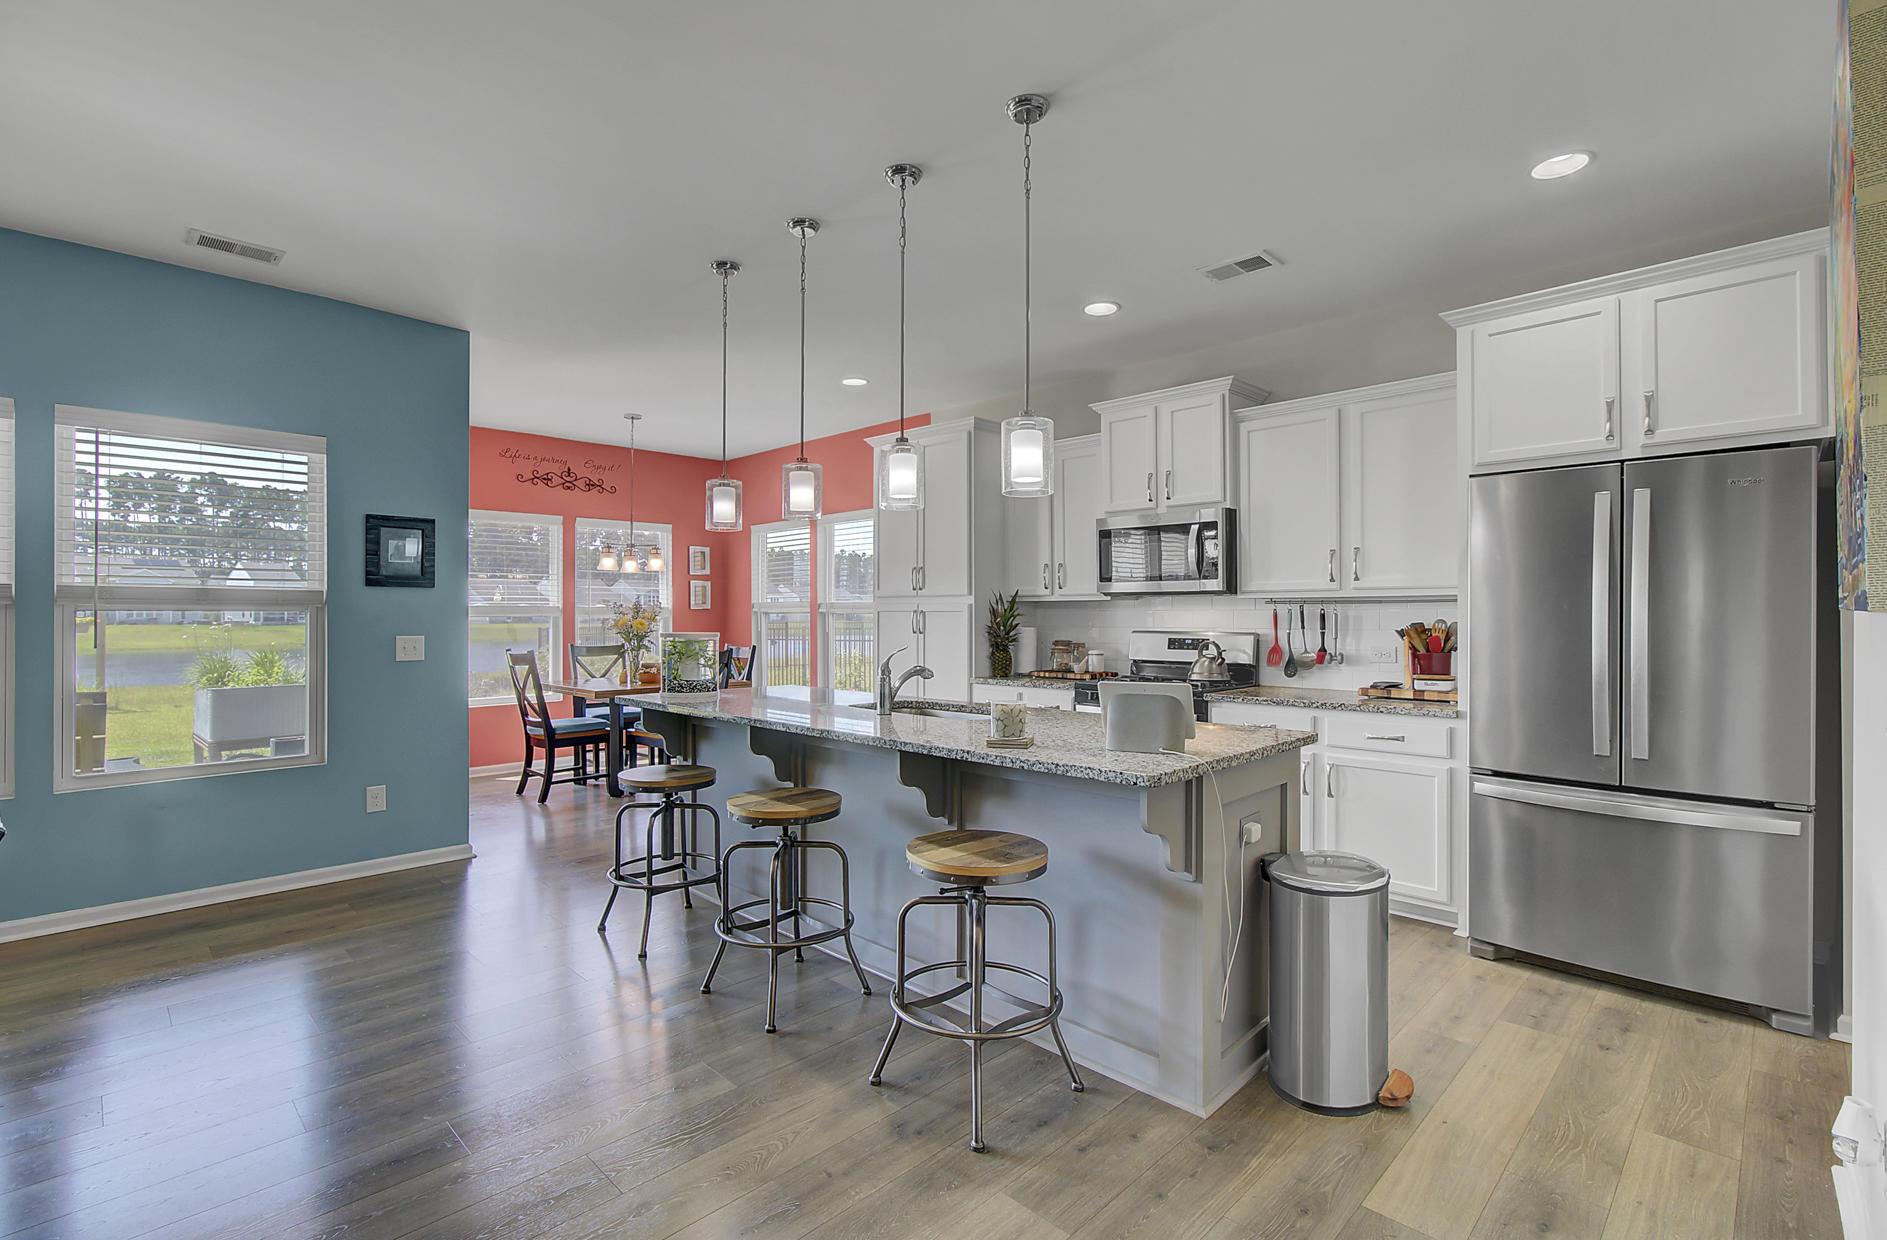 North Creek Village Homes For Sale - 384 Dunlin, Summerville, SC - 16